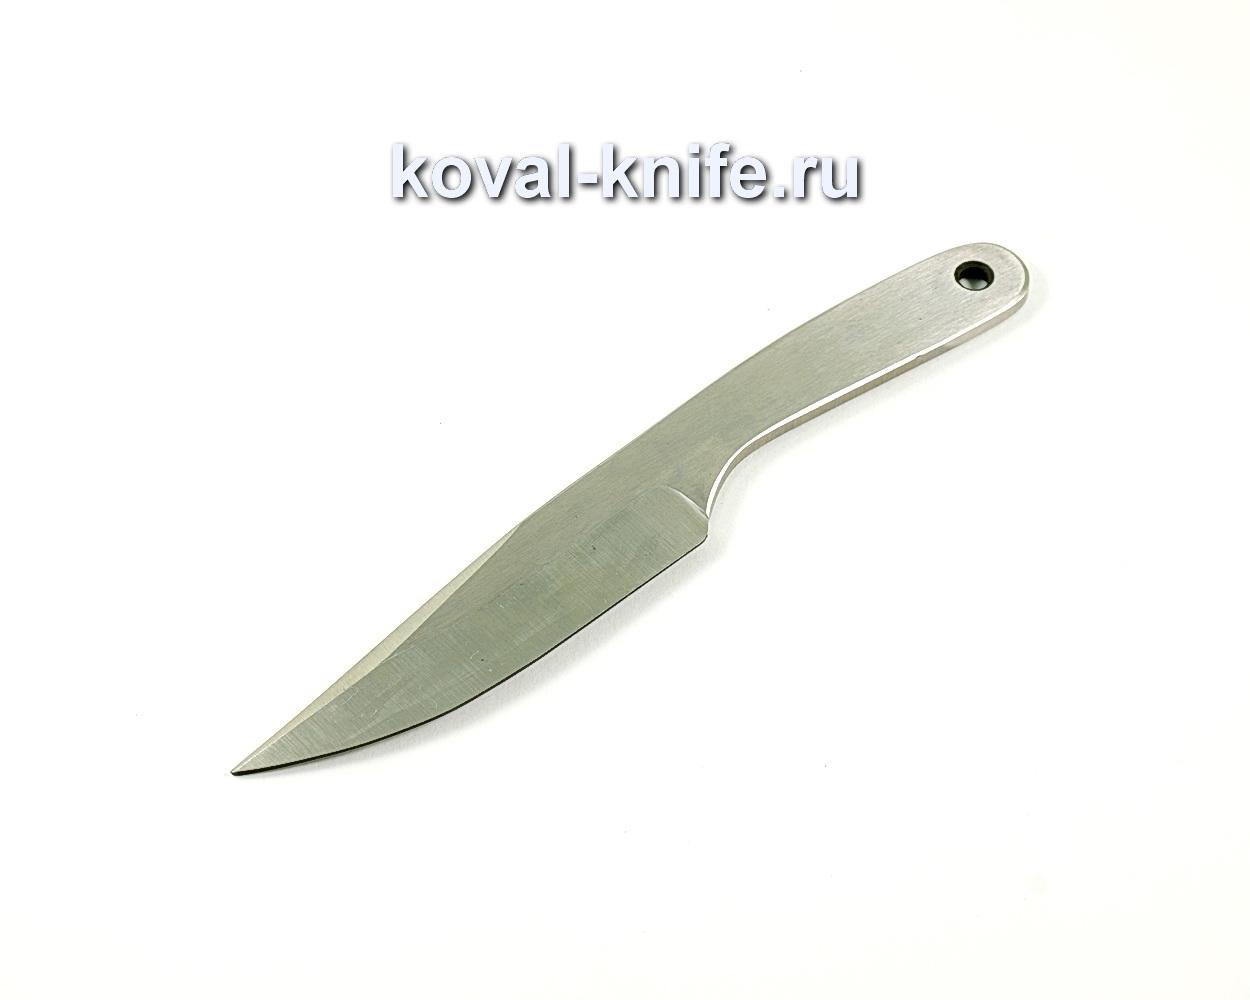 """Метательный нож """"Осетр мини"""" (сталь 65Г рессорная) A190"""